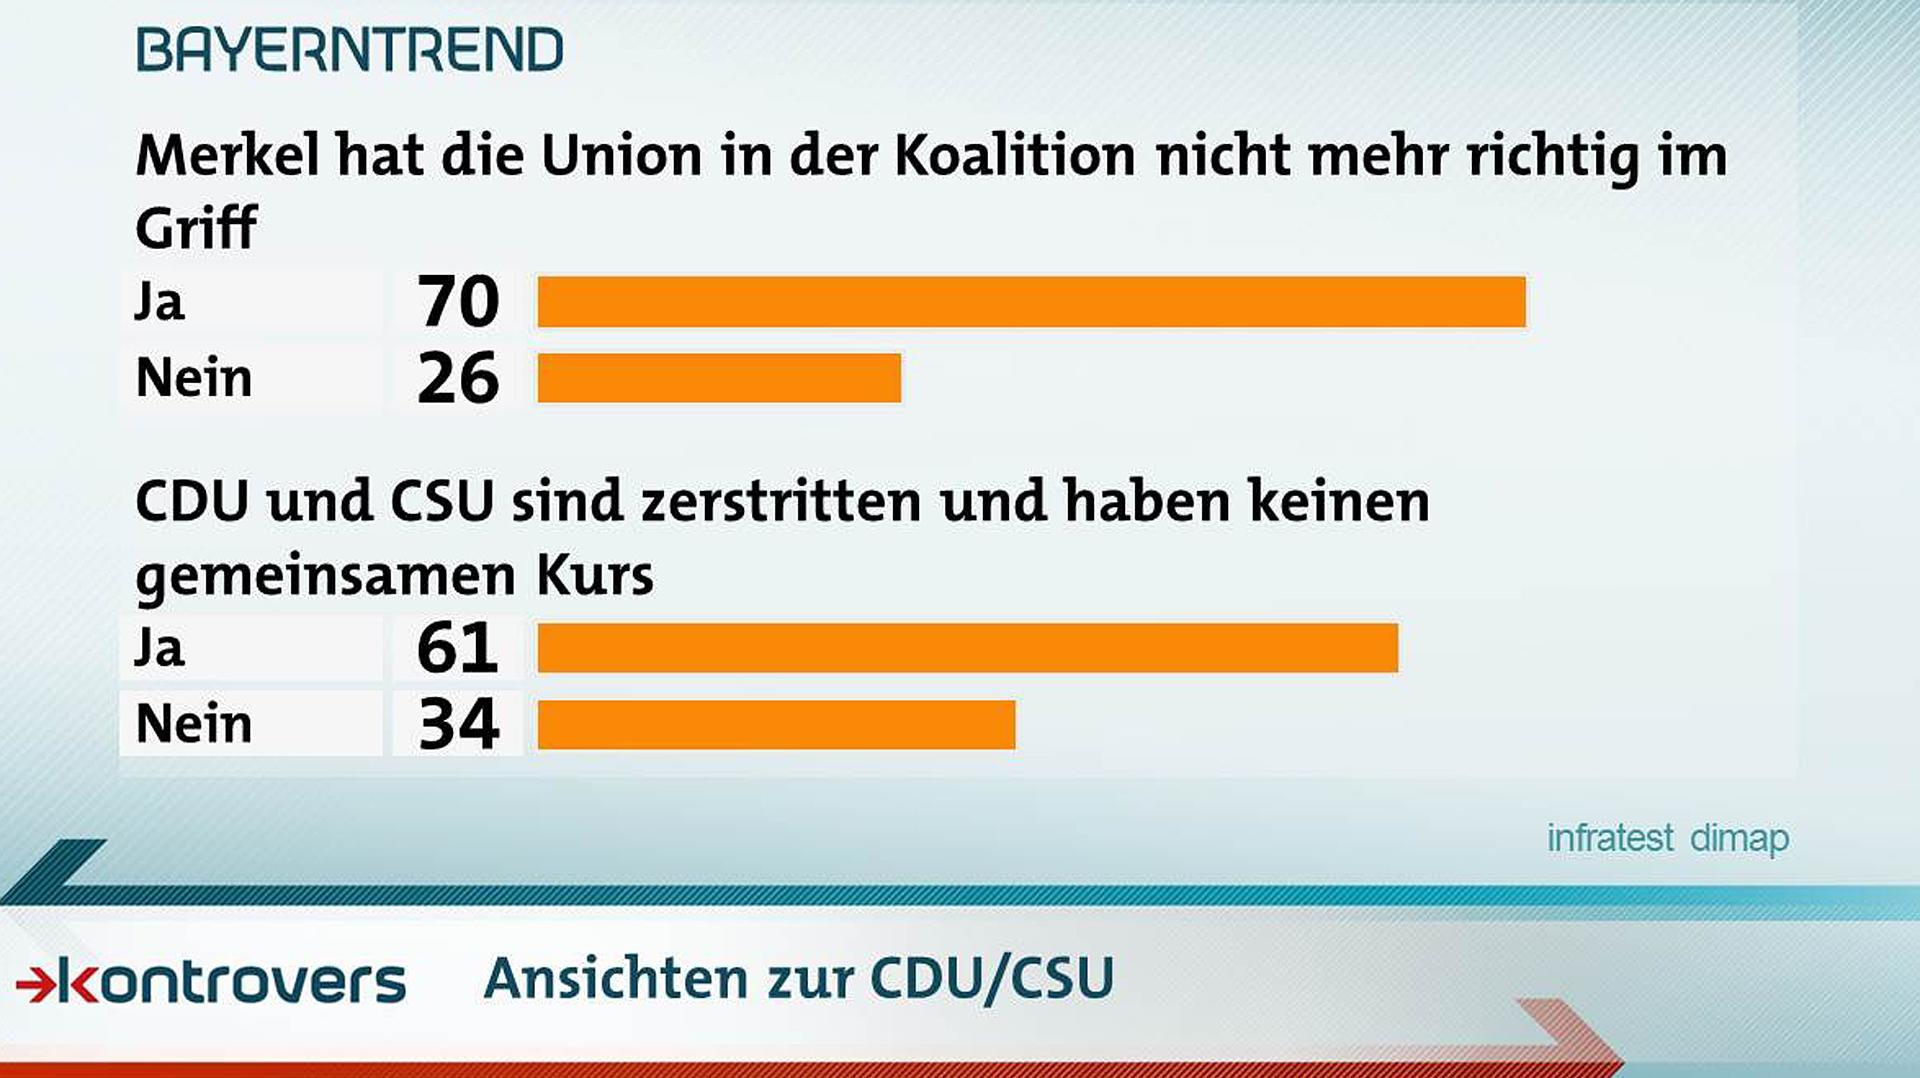 Hat Merkel die Union nicht mehr richtig im Griff? Und haben CDU und CSU noch einen gemeinsamen Kurs? Ansichten zur CDU/CSU unter den Befragten.